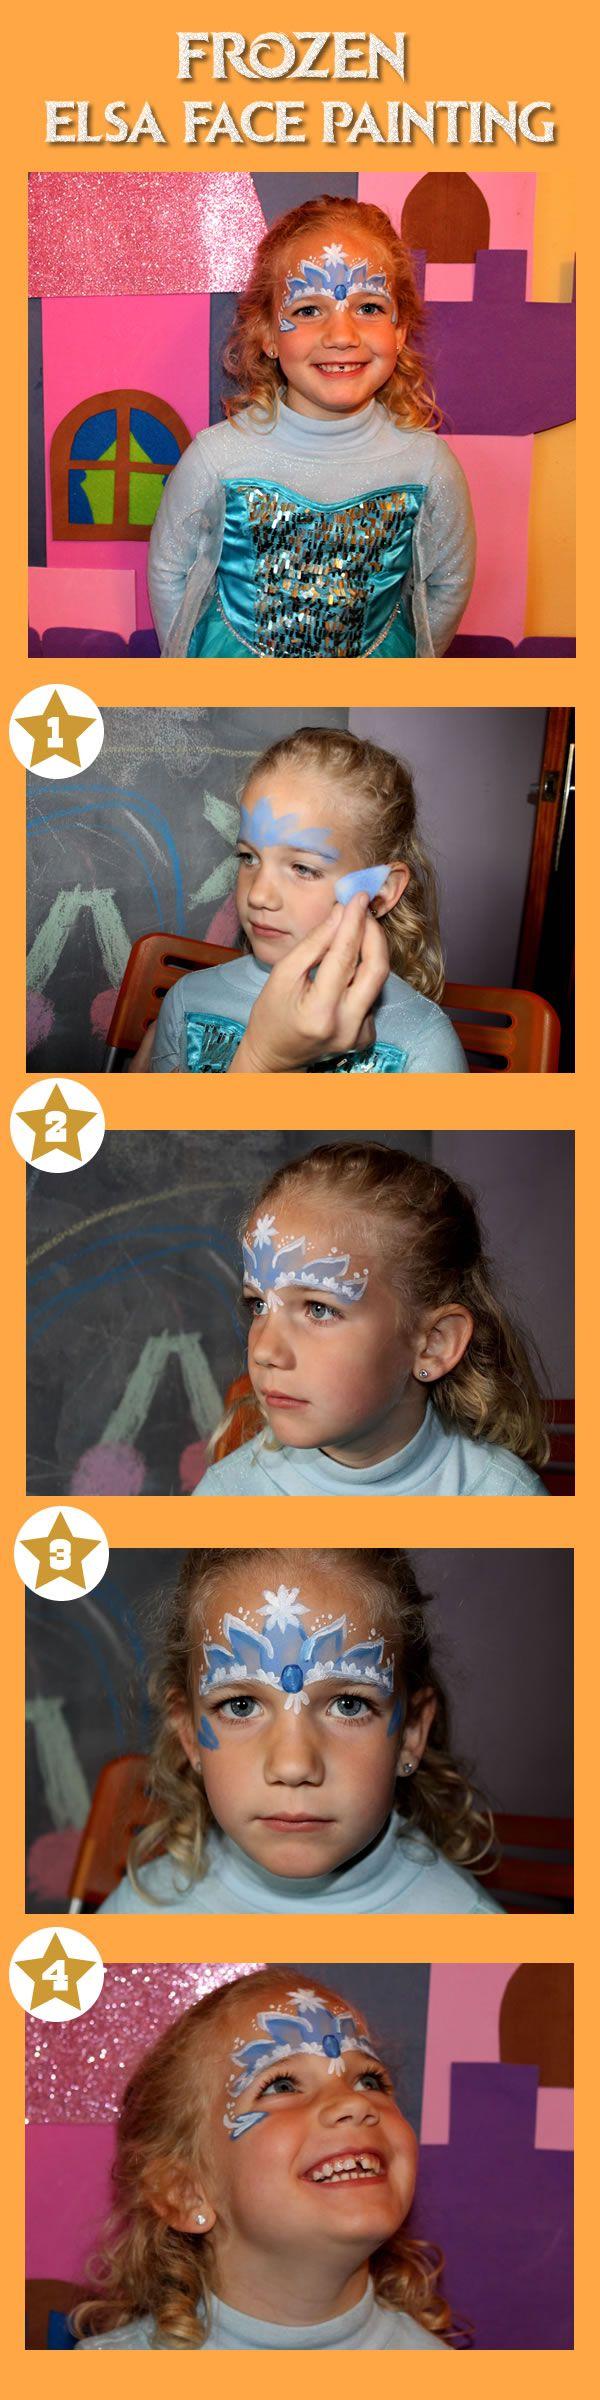 PIntar cara de Elsa Frozen #Frozen #FacePainting #FaceArt #Facepaint #Elsa